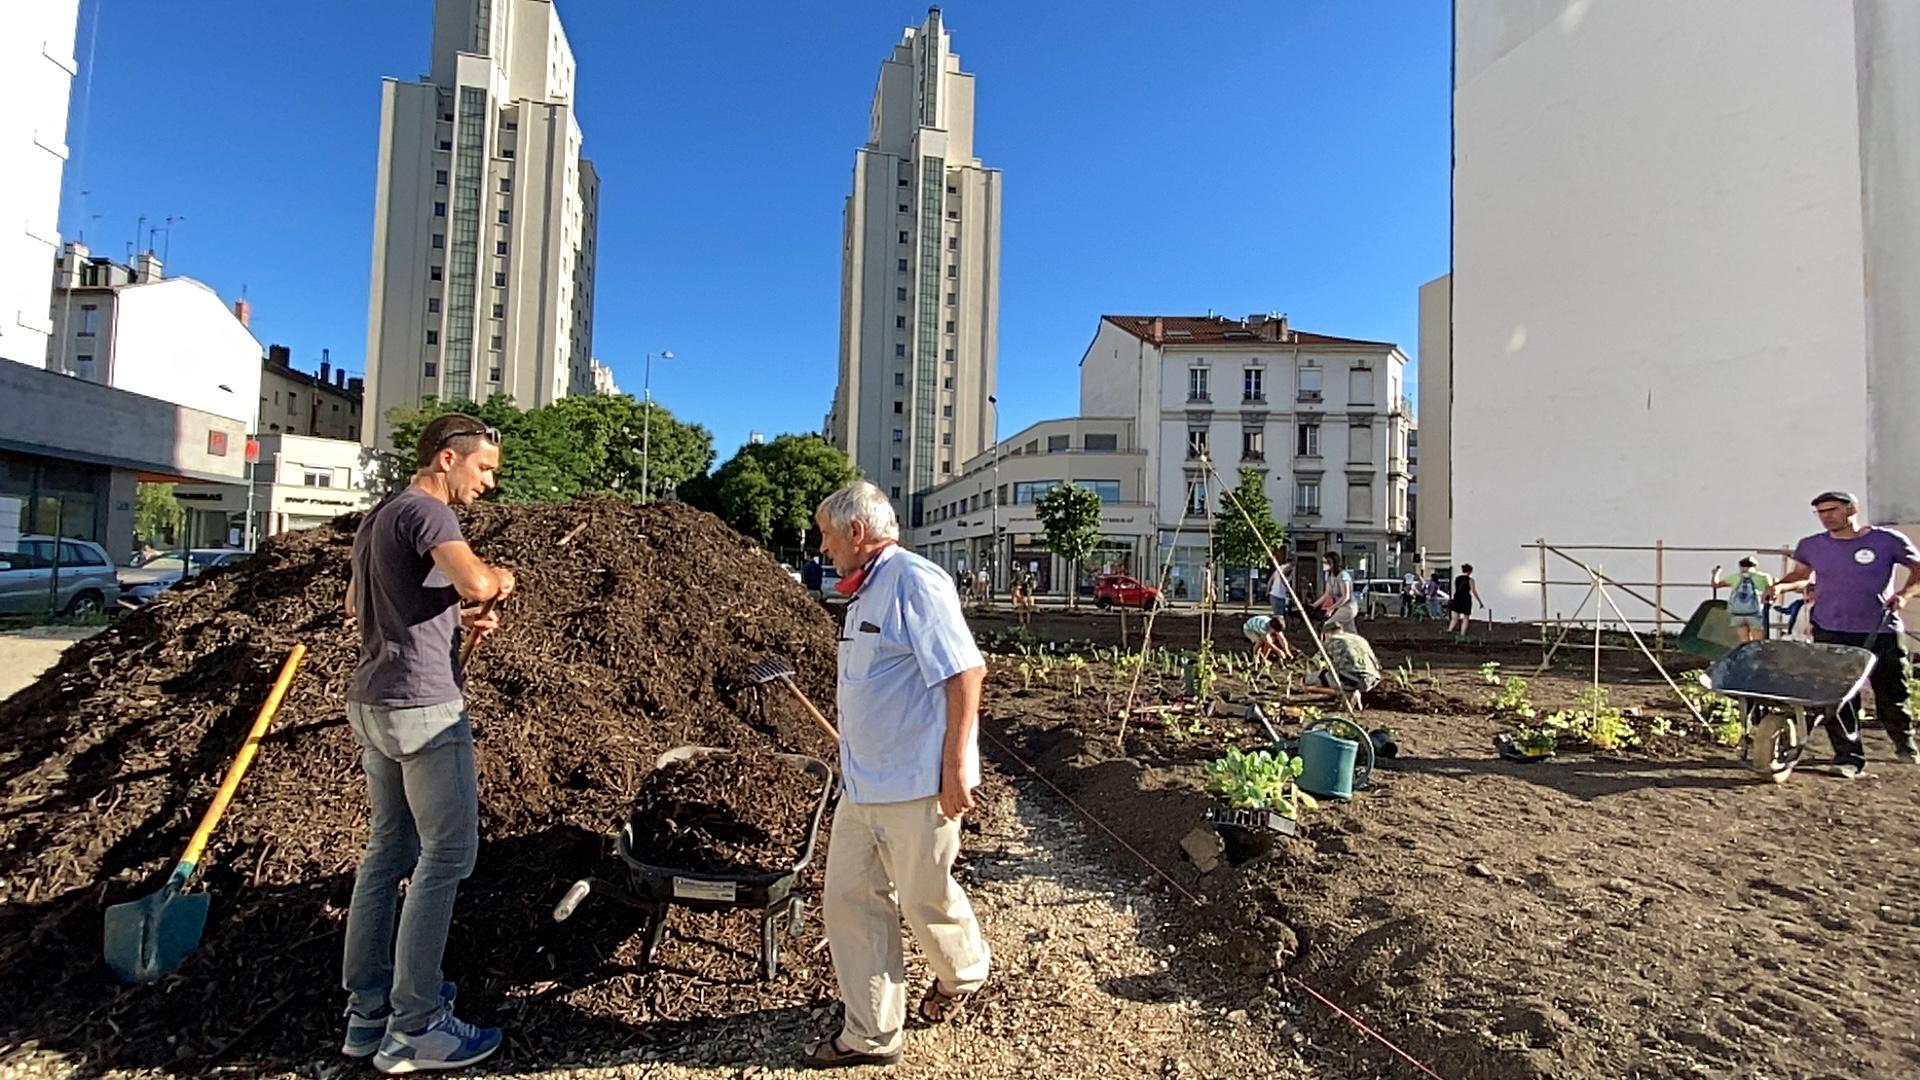 IMG 6193 - La Ferme des artisans, un projet éco-responsable pour mieux vivre la ville de demain